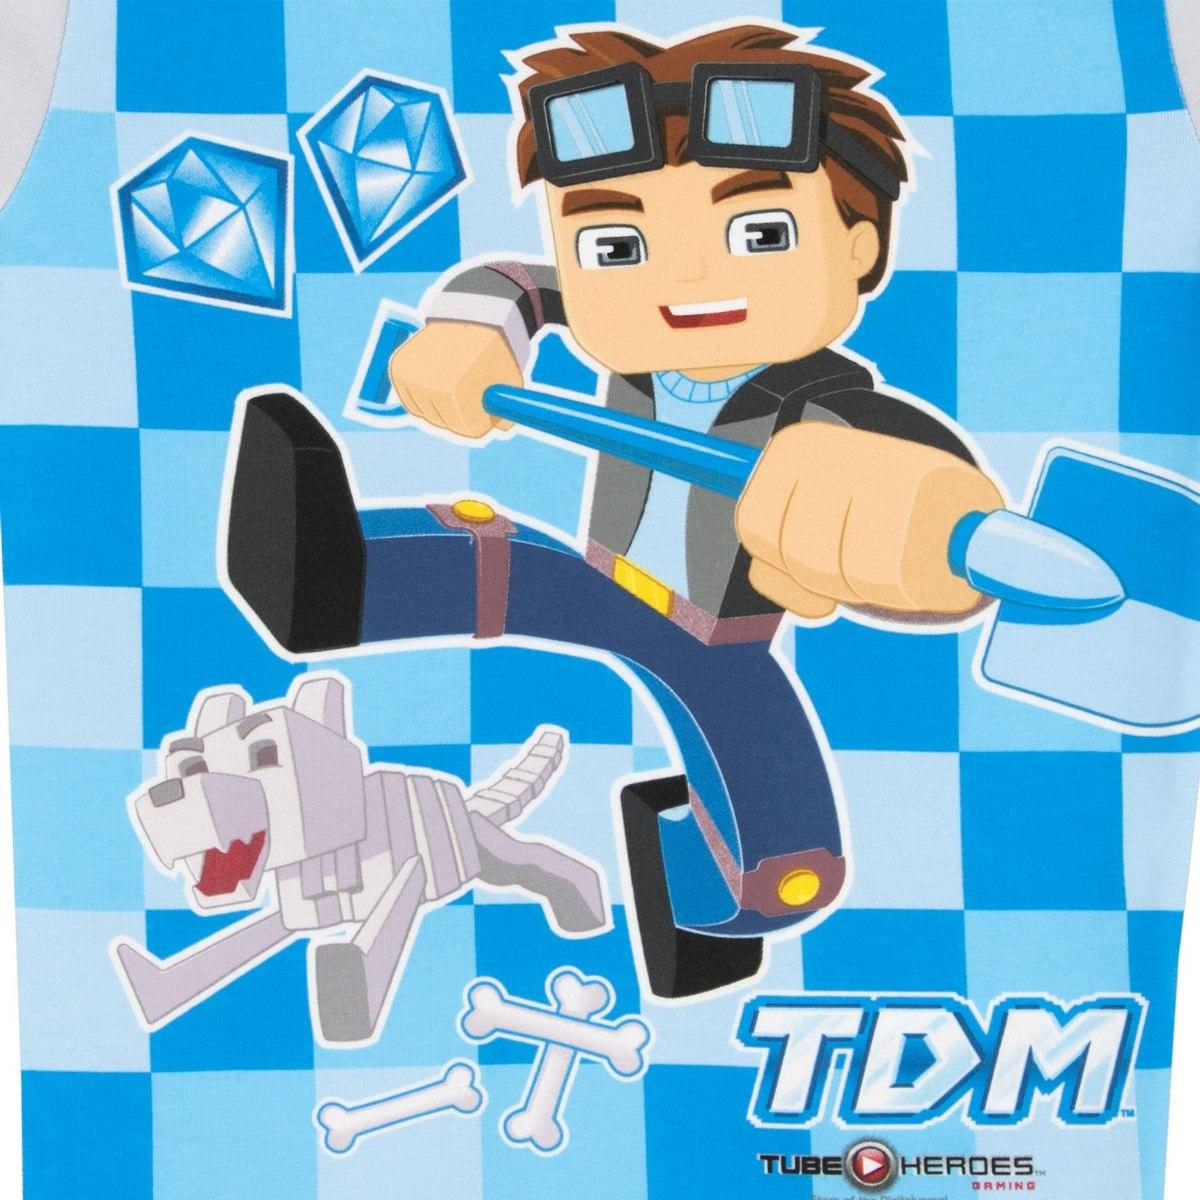 cc133580b1 Tube Heroes Boys Dan Tdm Pijamas 10... -   44.599 en Mercado Libre